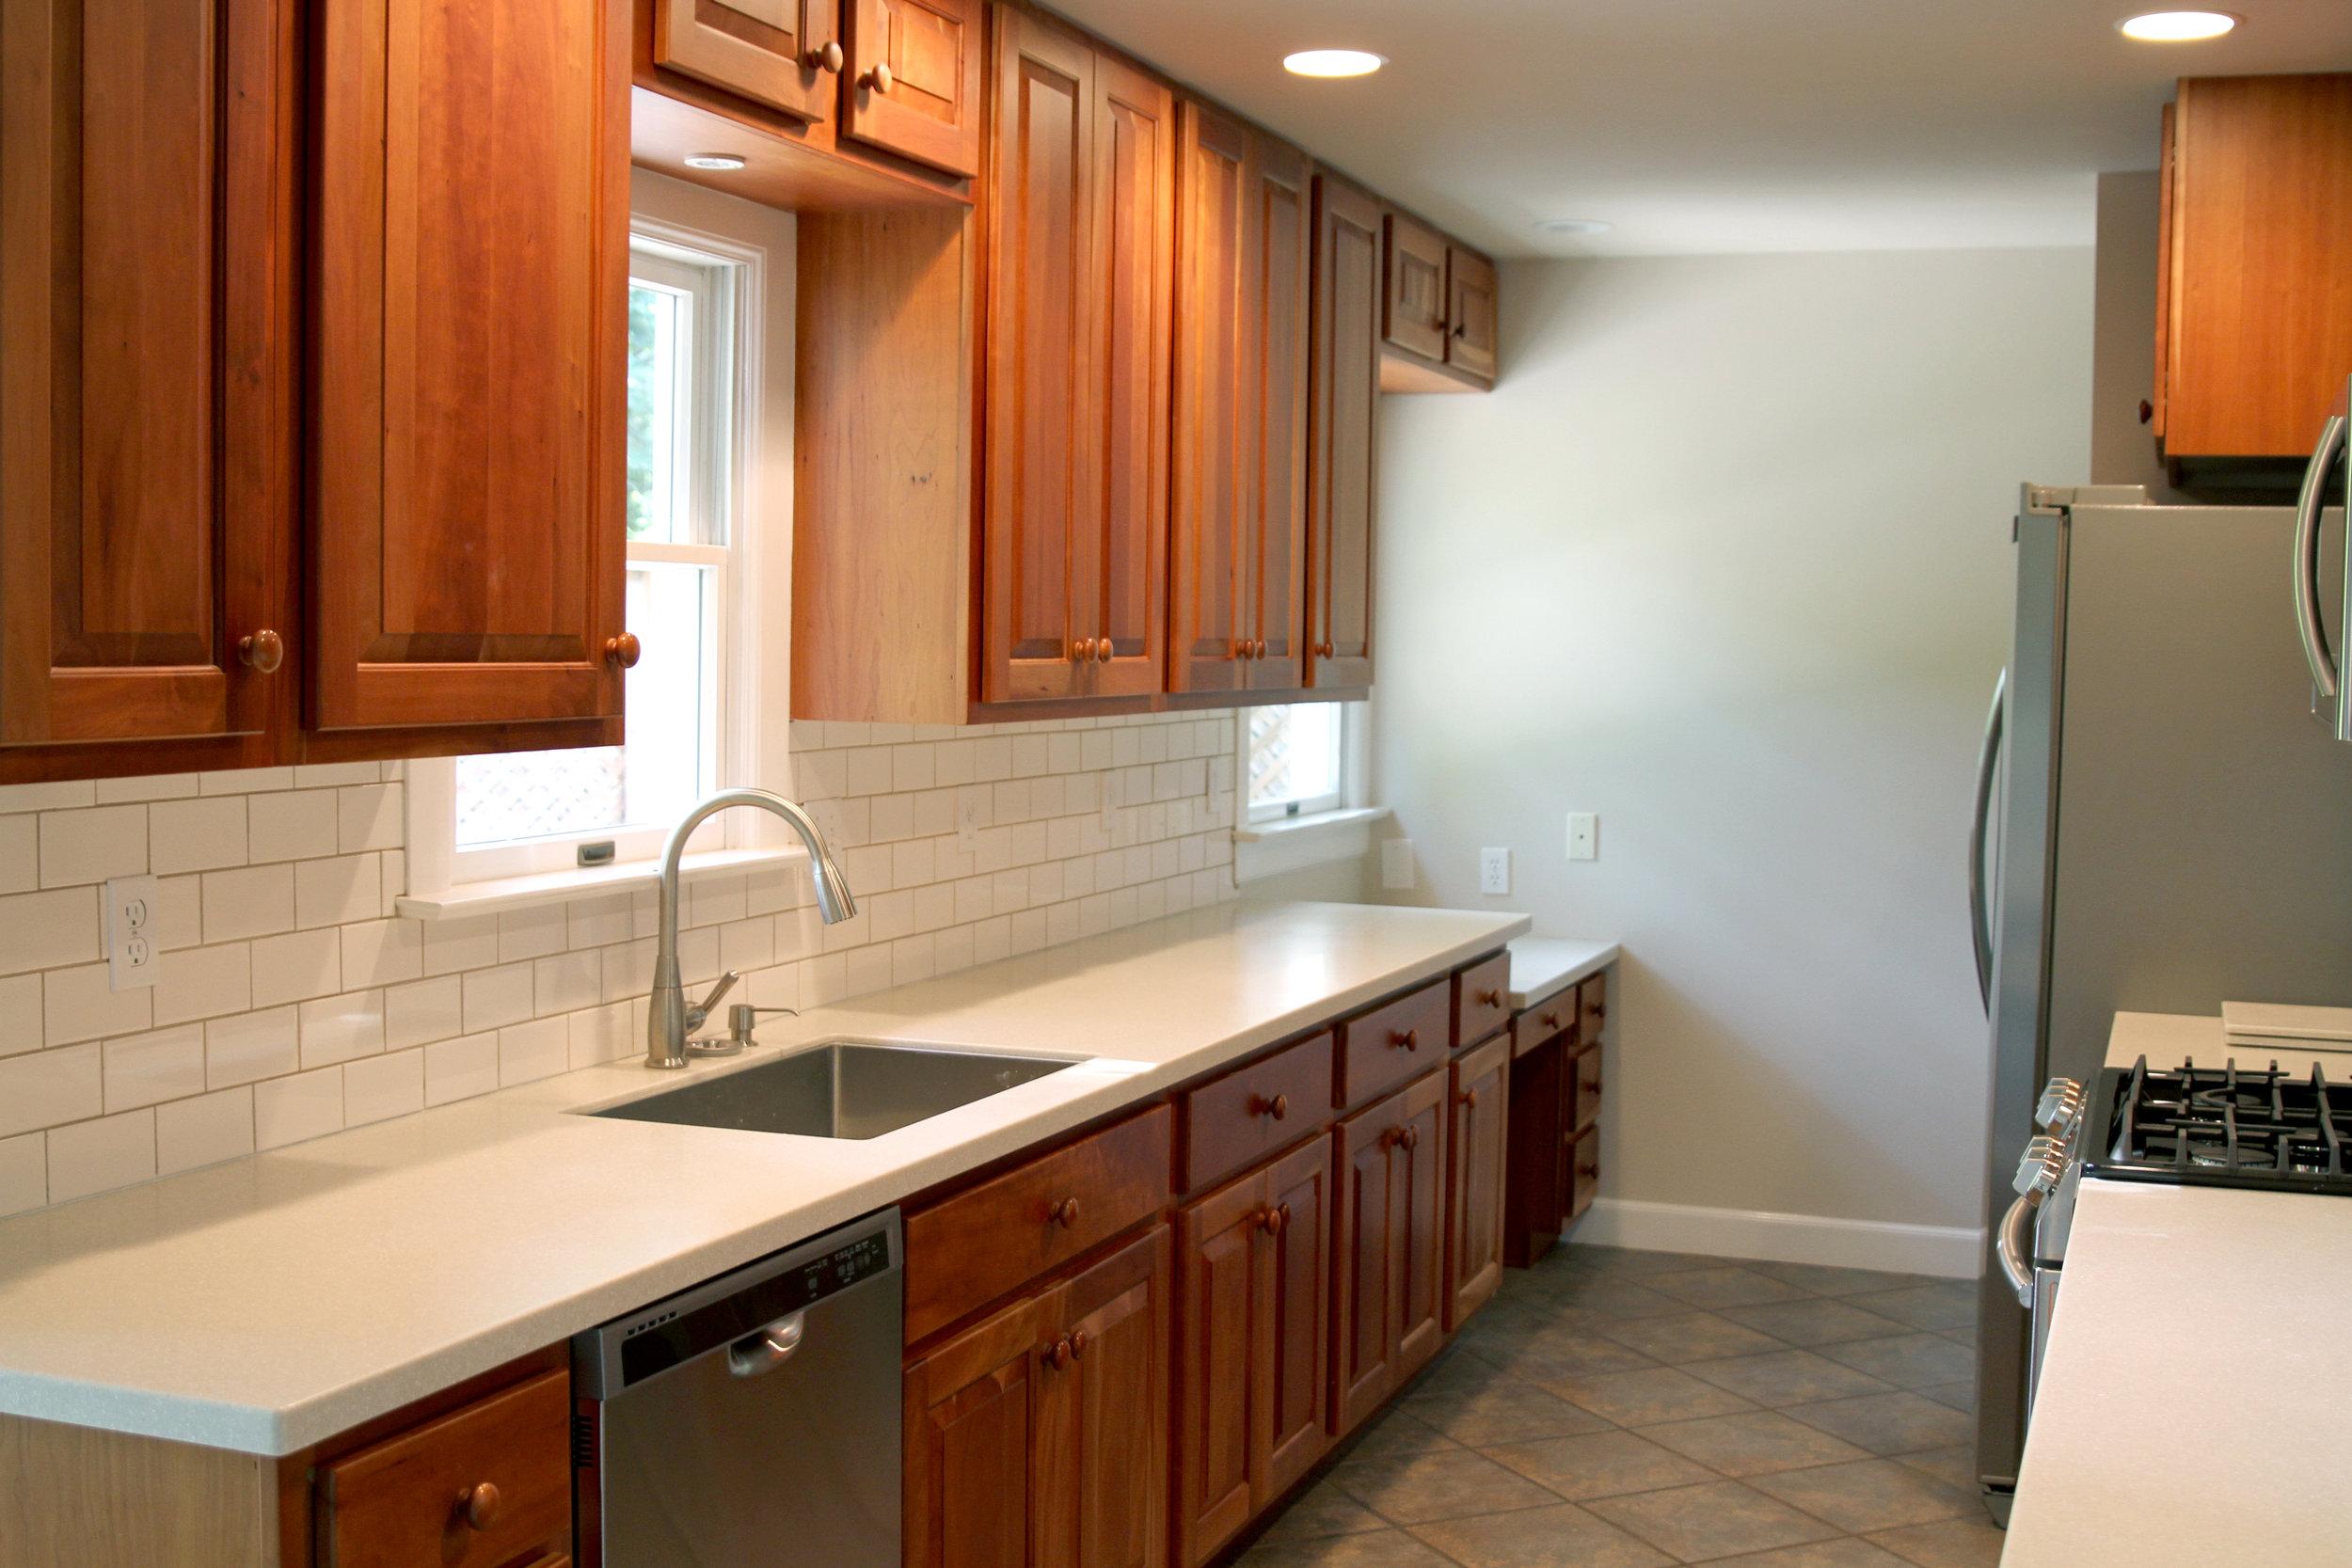 Prep for Sale Kitchen Finished.jpg